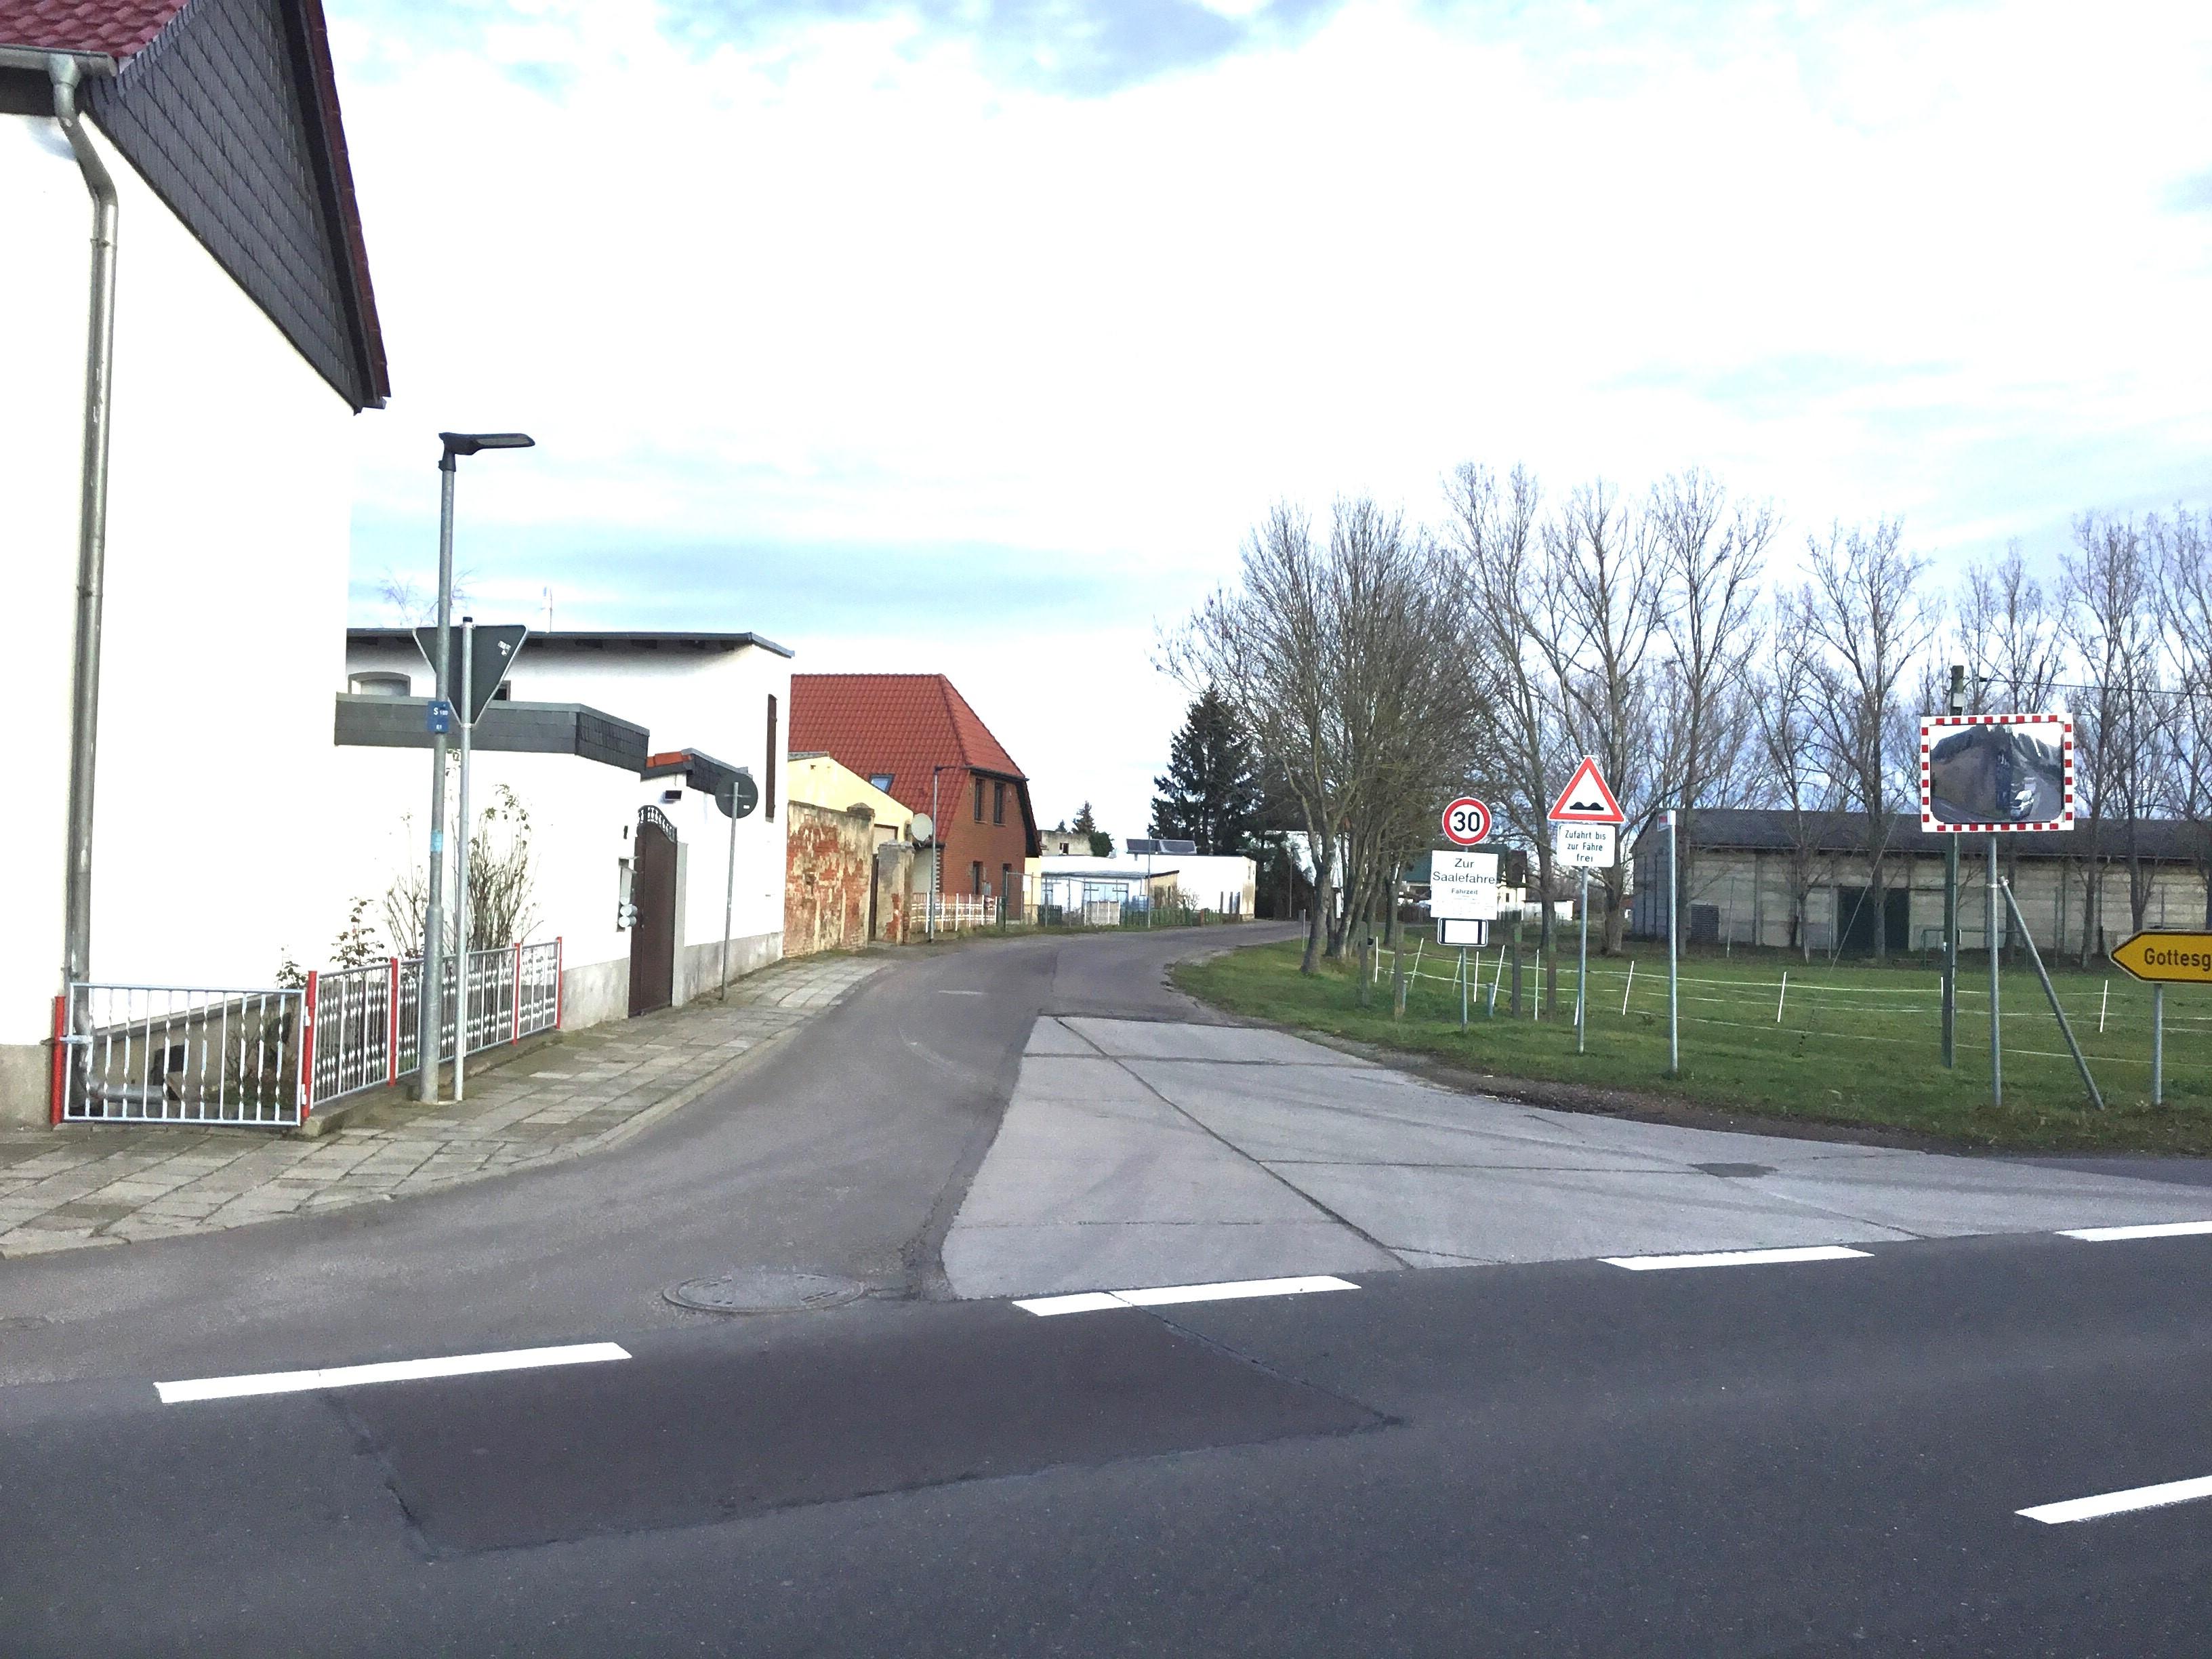 Der erste Teilabschnitt der Straßenbaumaßnahmen zwischen Schwarz und Gottesgnaden beginnt in der Ortslage Schwarz, unmittelbar im Zufahrtsbereich Trabitzer Straße. Umleitungen sind lokal ausgeschildert.